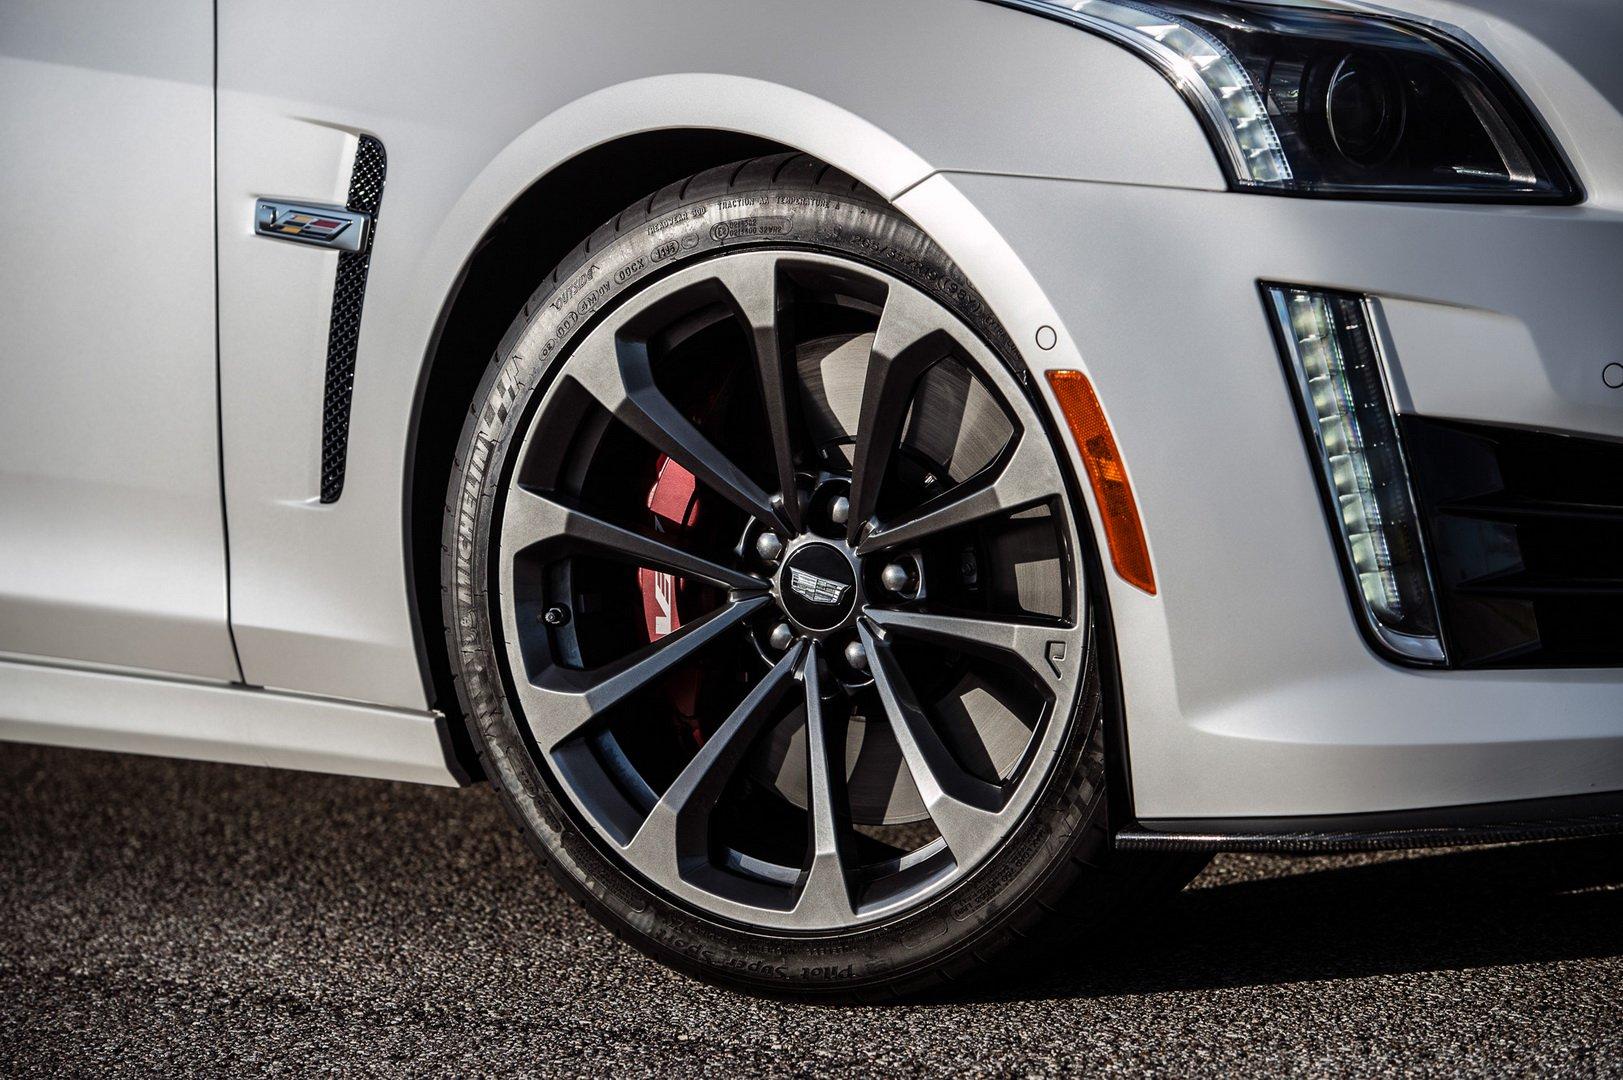 خودرو کادیلاک CTS-V با قدرت ۱۰۰۰ اسببخار عرضه می شود+تصاویر